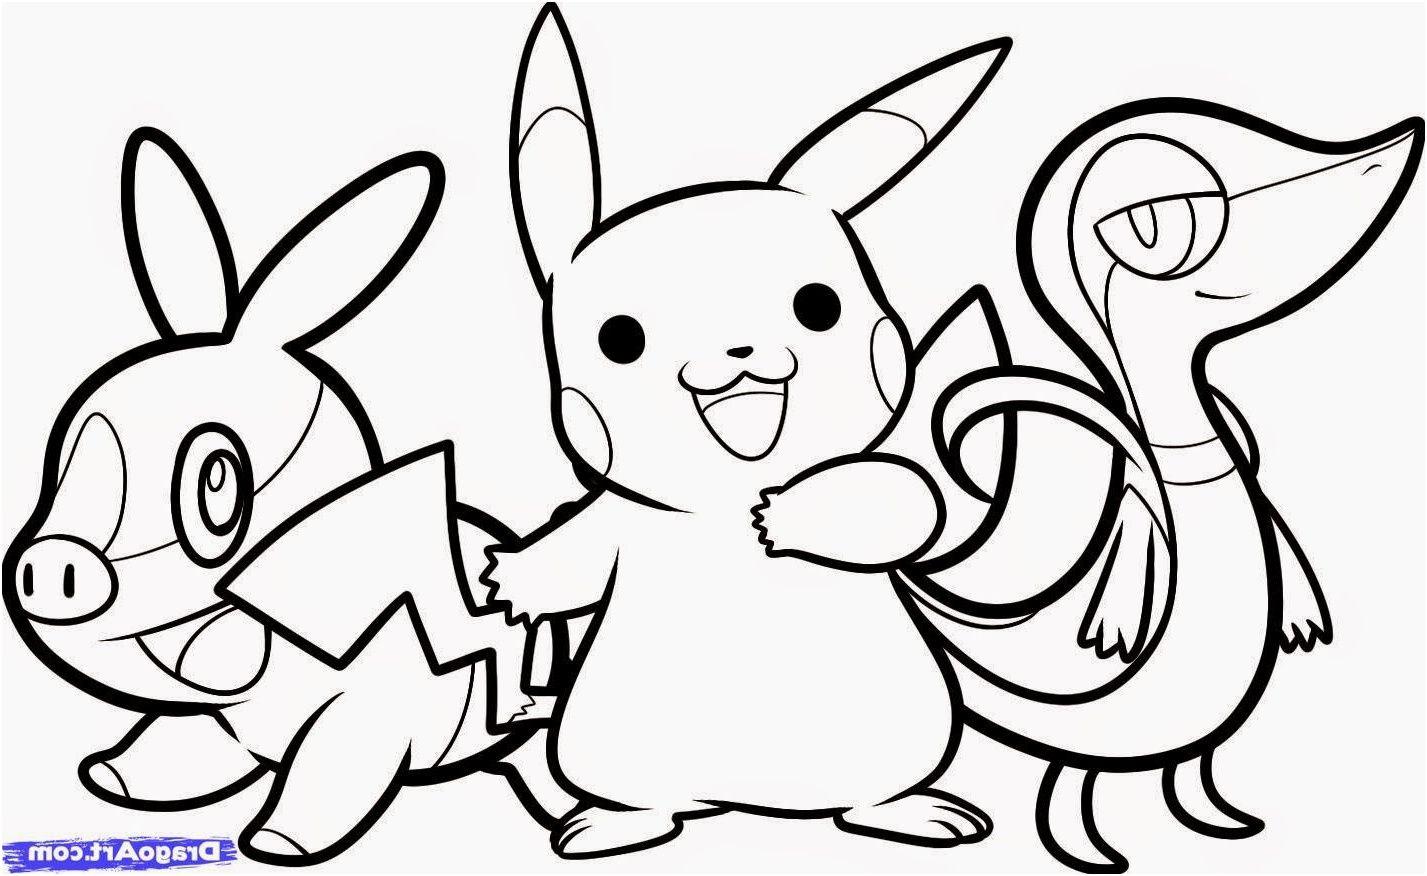 Coloriage Pokemon Gratuit 9 Classique Coloriage Pokemon Gratuit